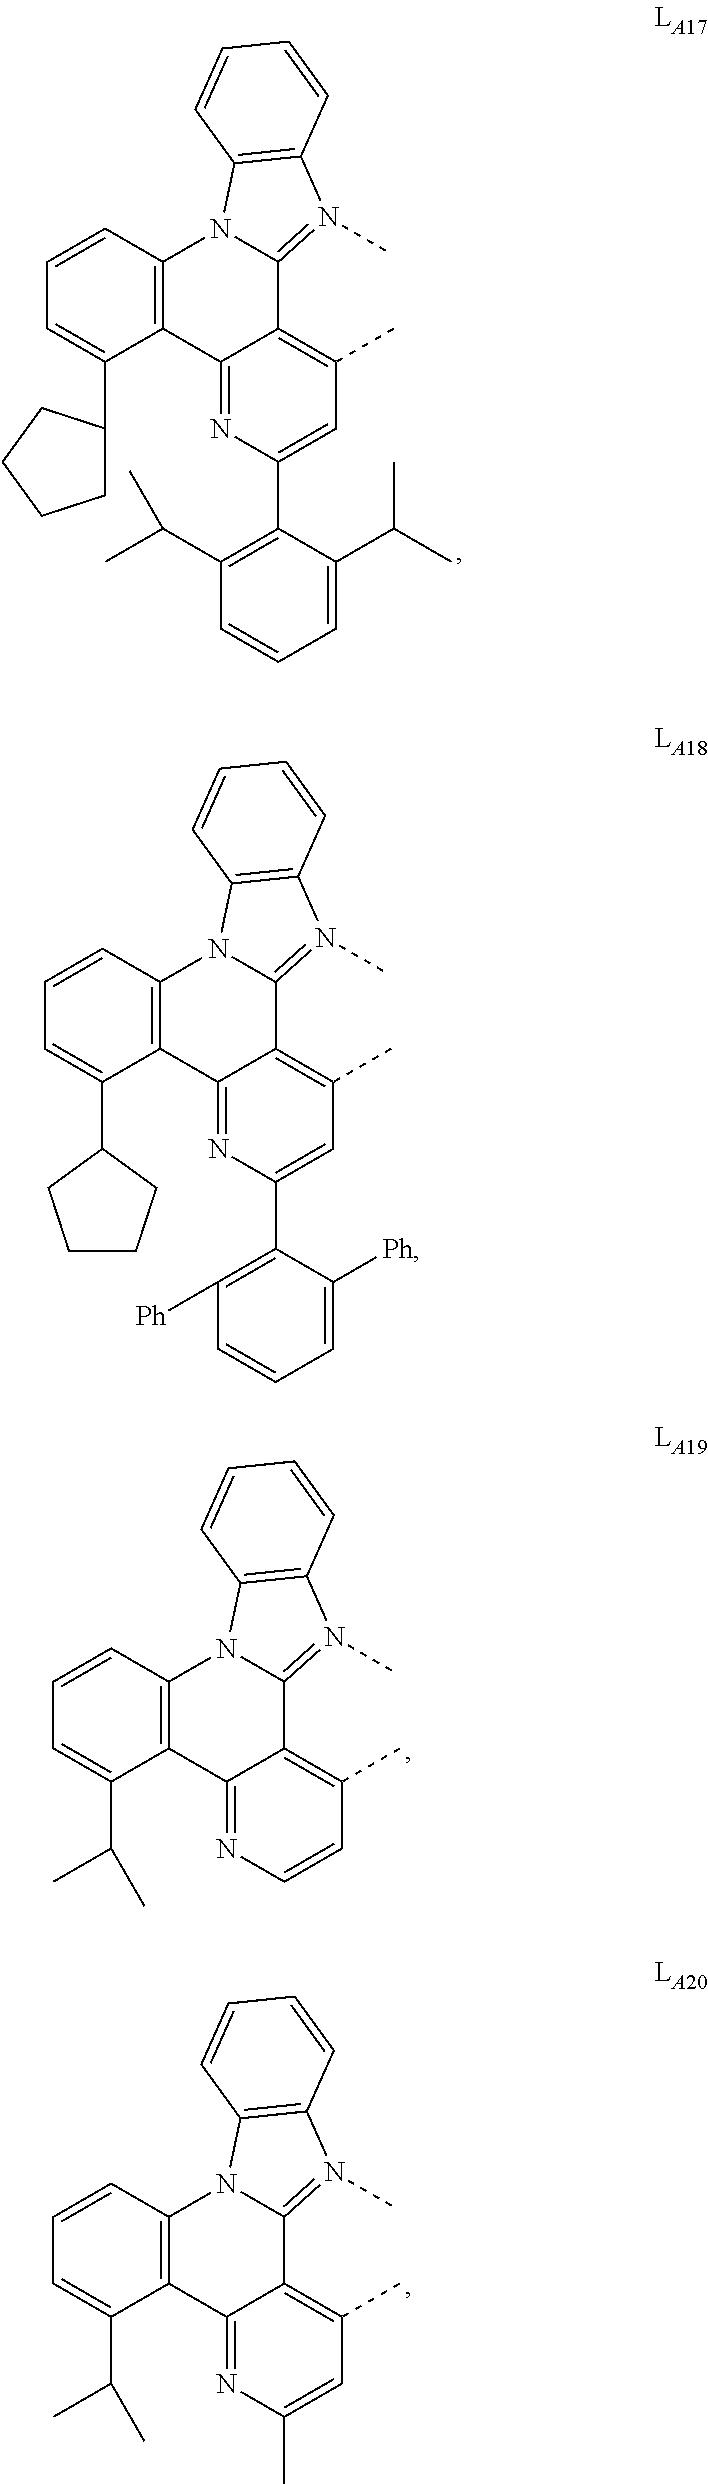 Figure US09905785-20180227-C00028